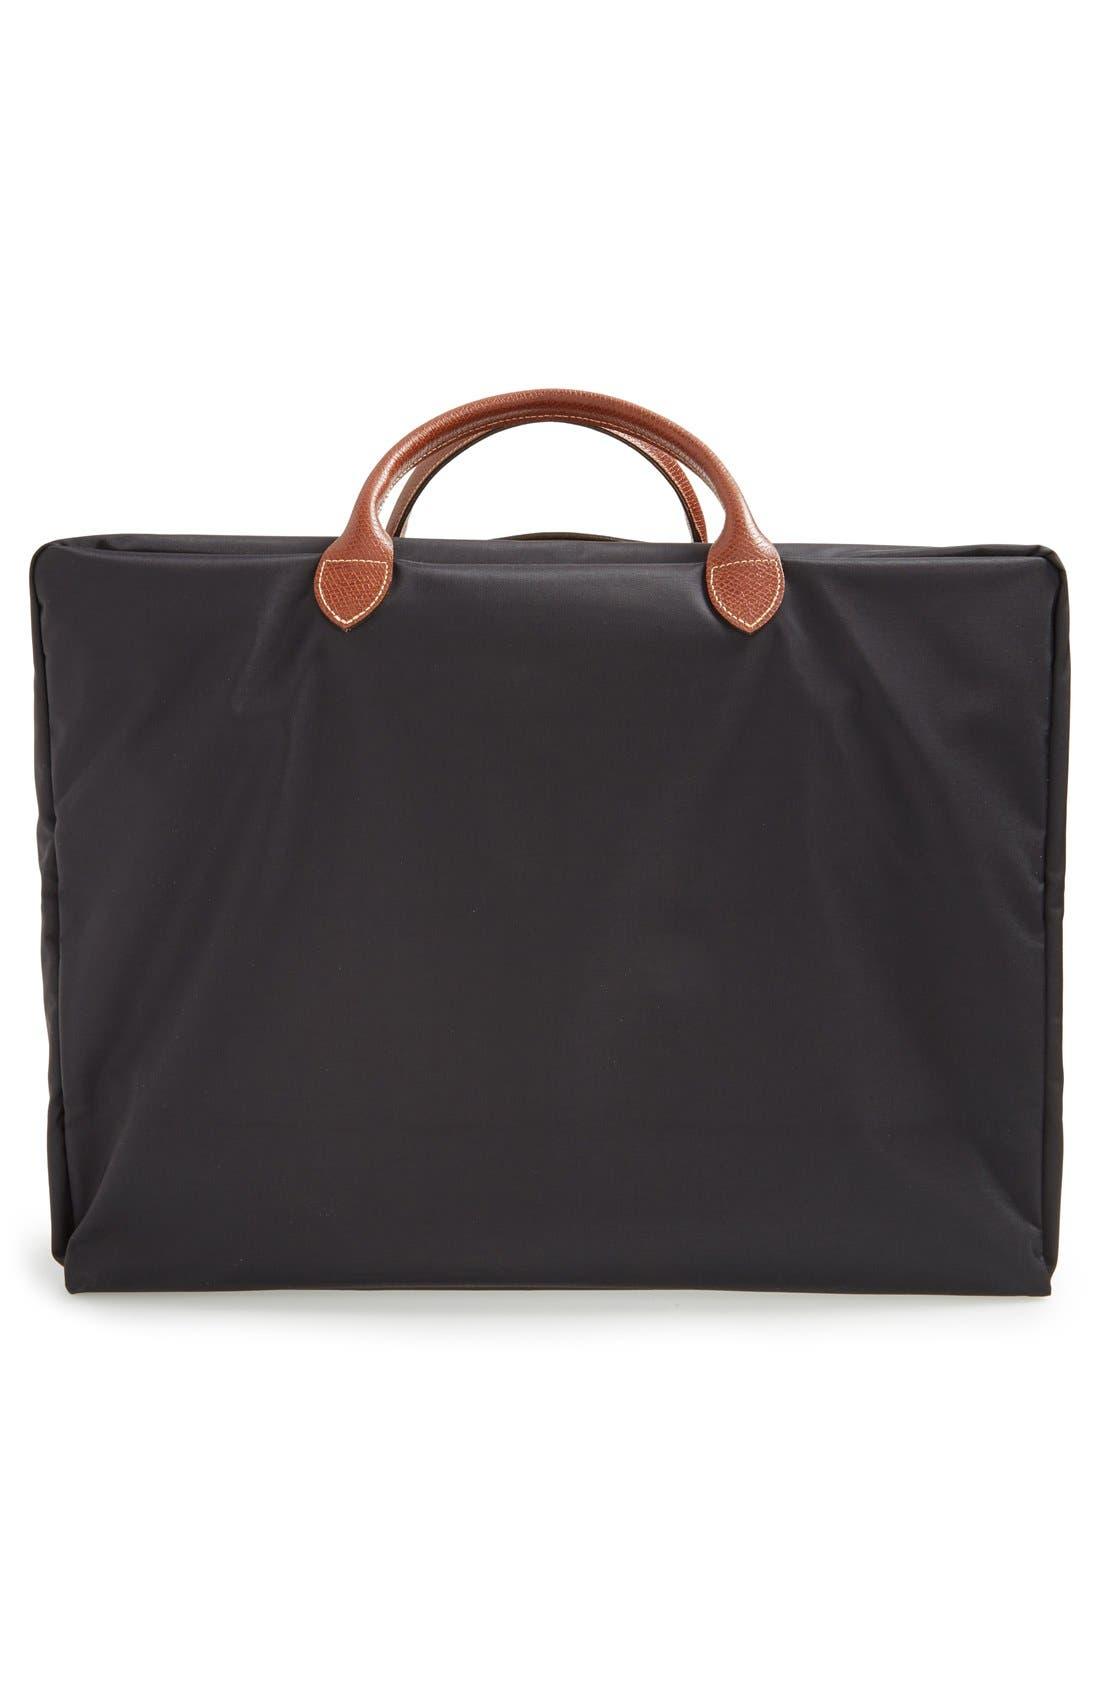 'Le Pliage' Duffel Bag,                             Alternate thumbnail 2, color,                             001